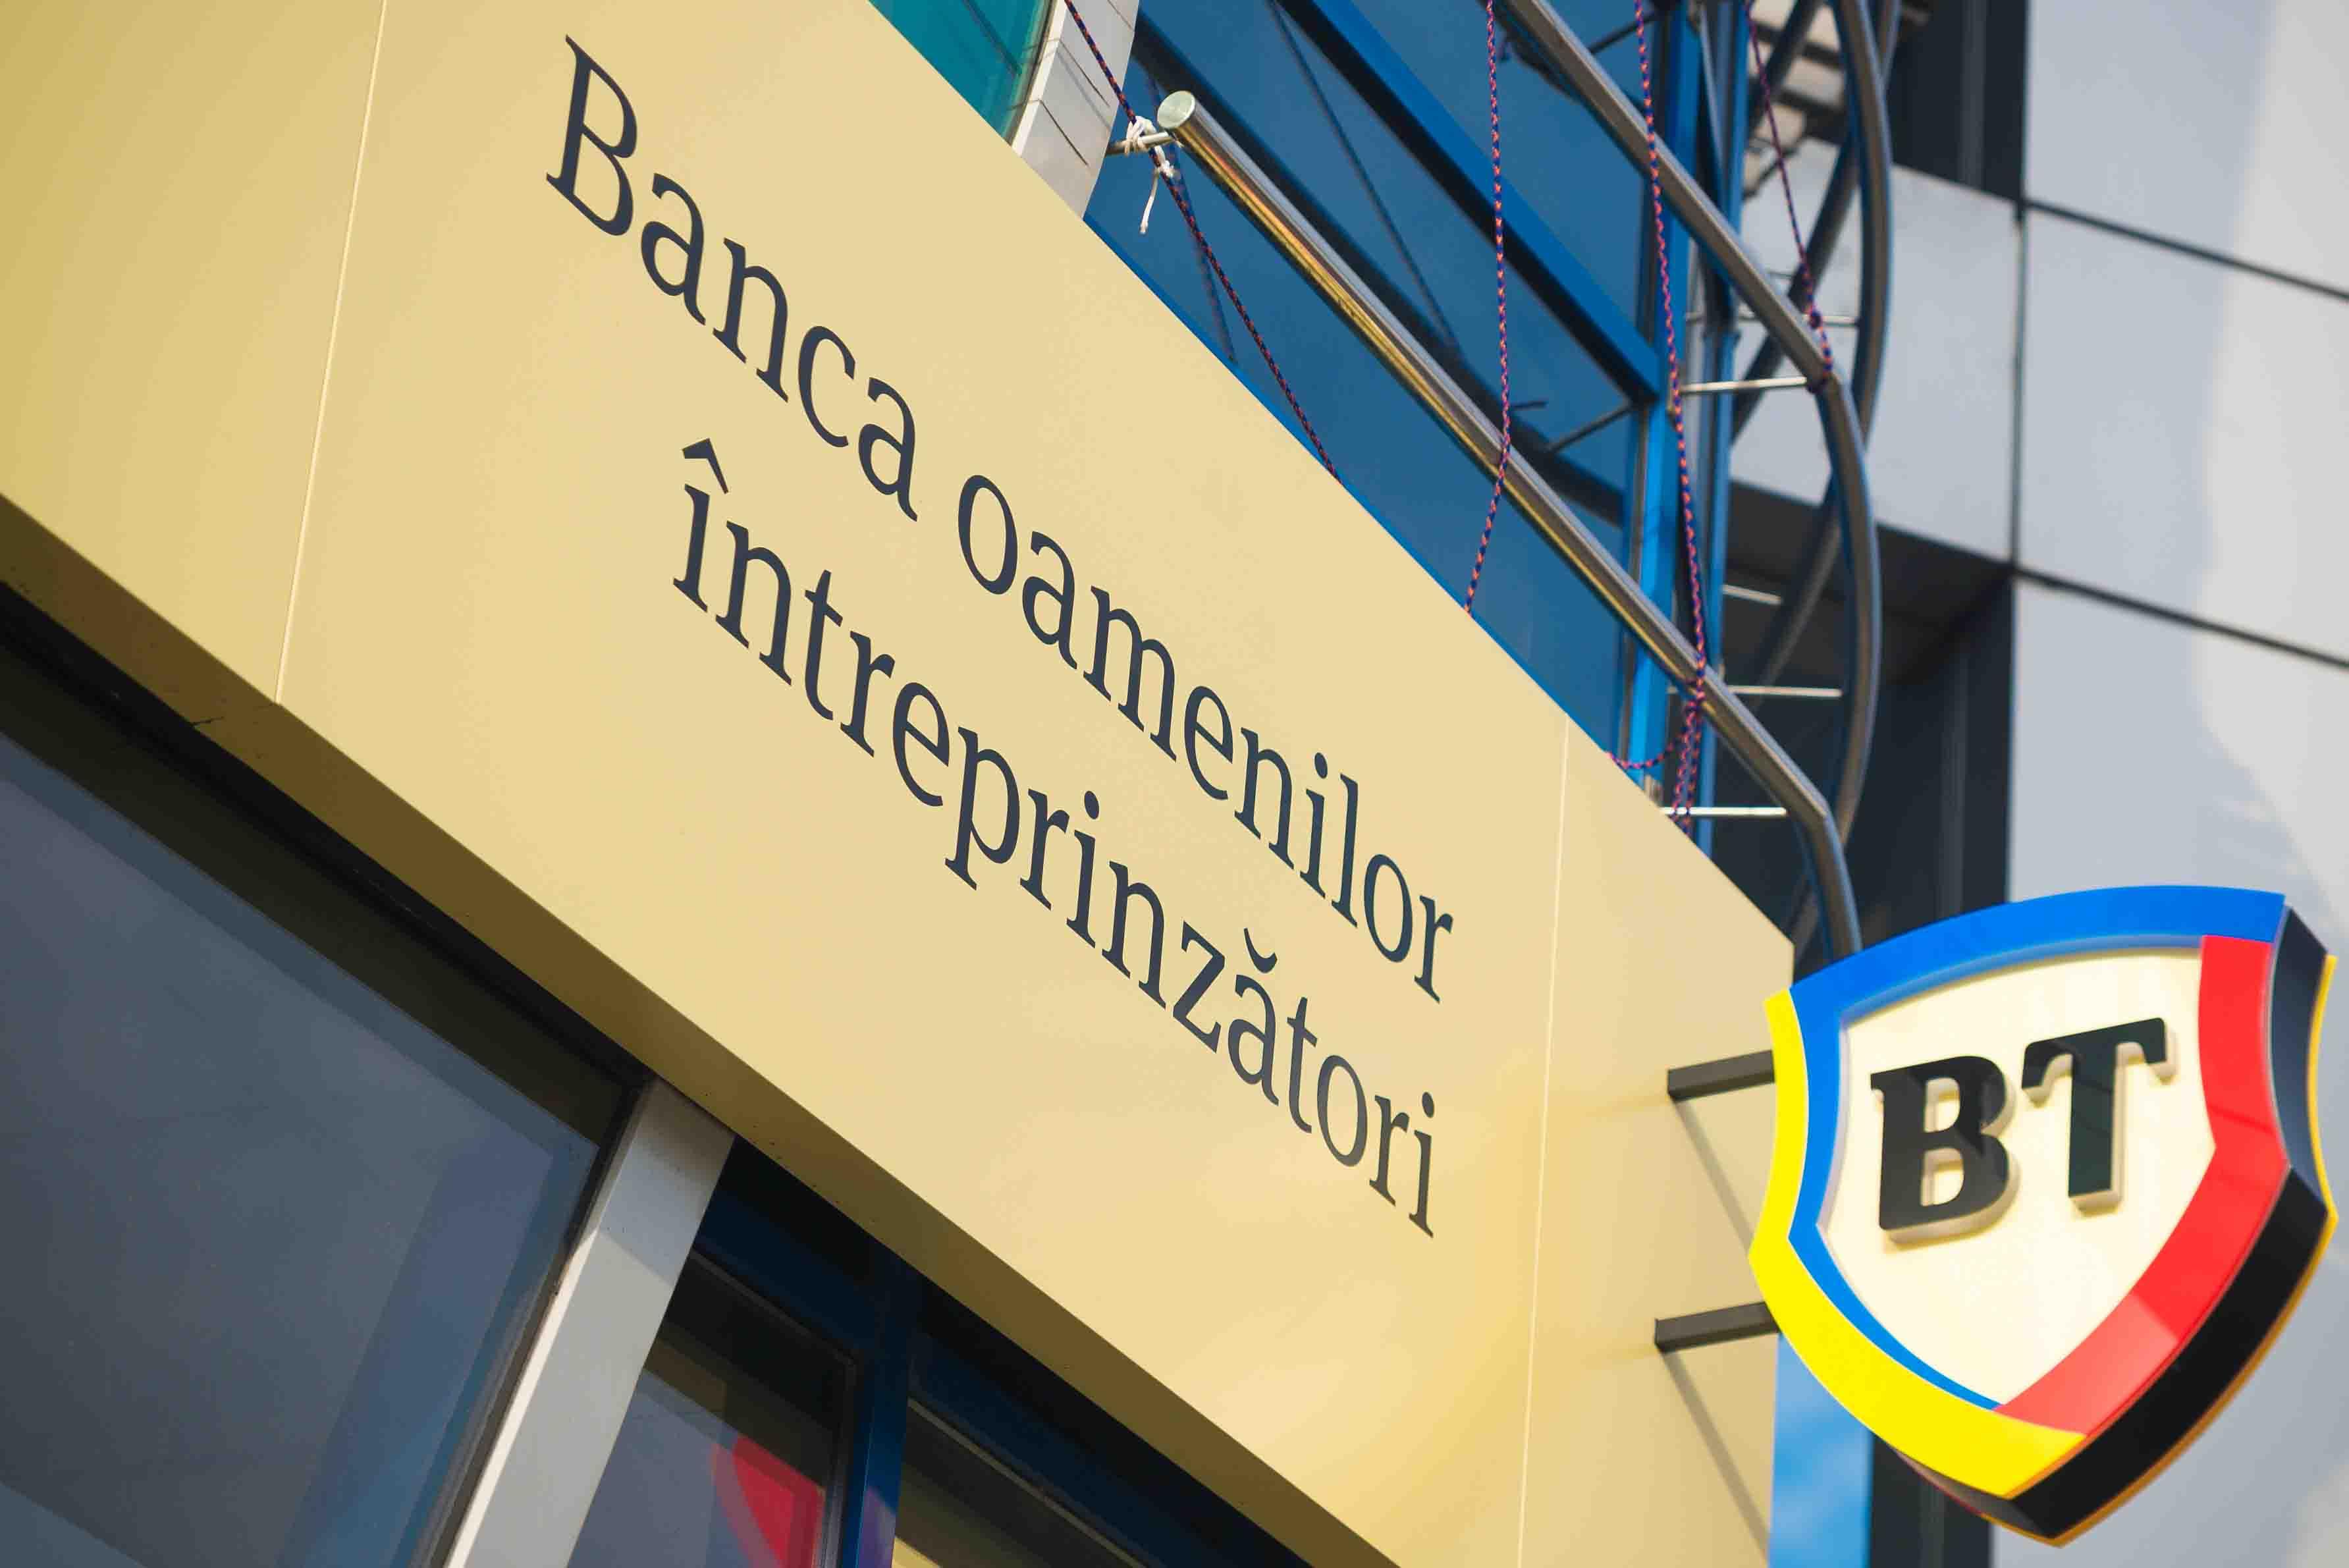 Banca Transilvania, creştere solidă a businessului în primul semestru din 2017. Pentru prima dată, BT publică şi date despre taxele şi impozitele plătite în ultimii 5 ani